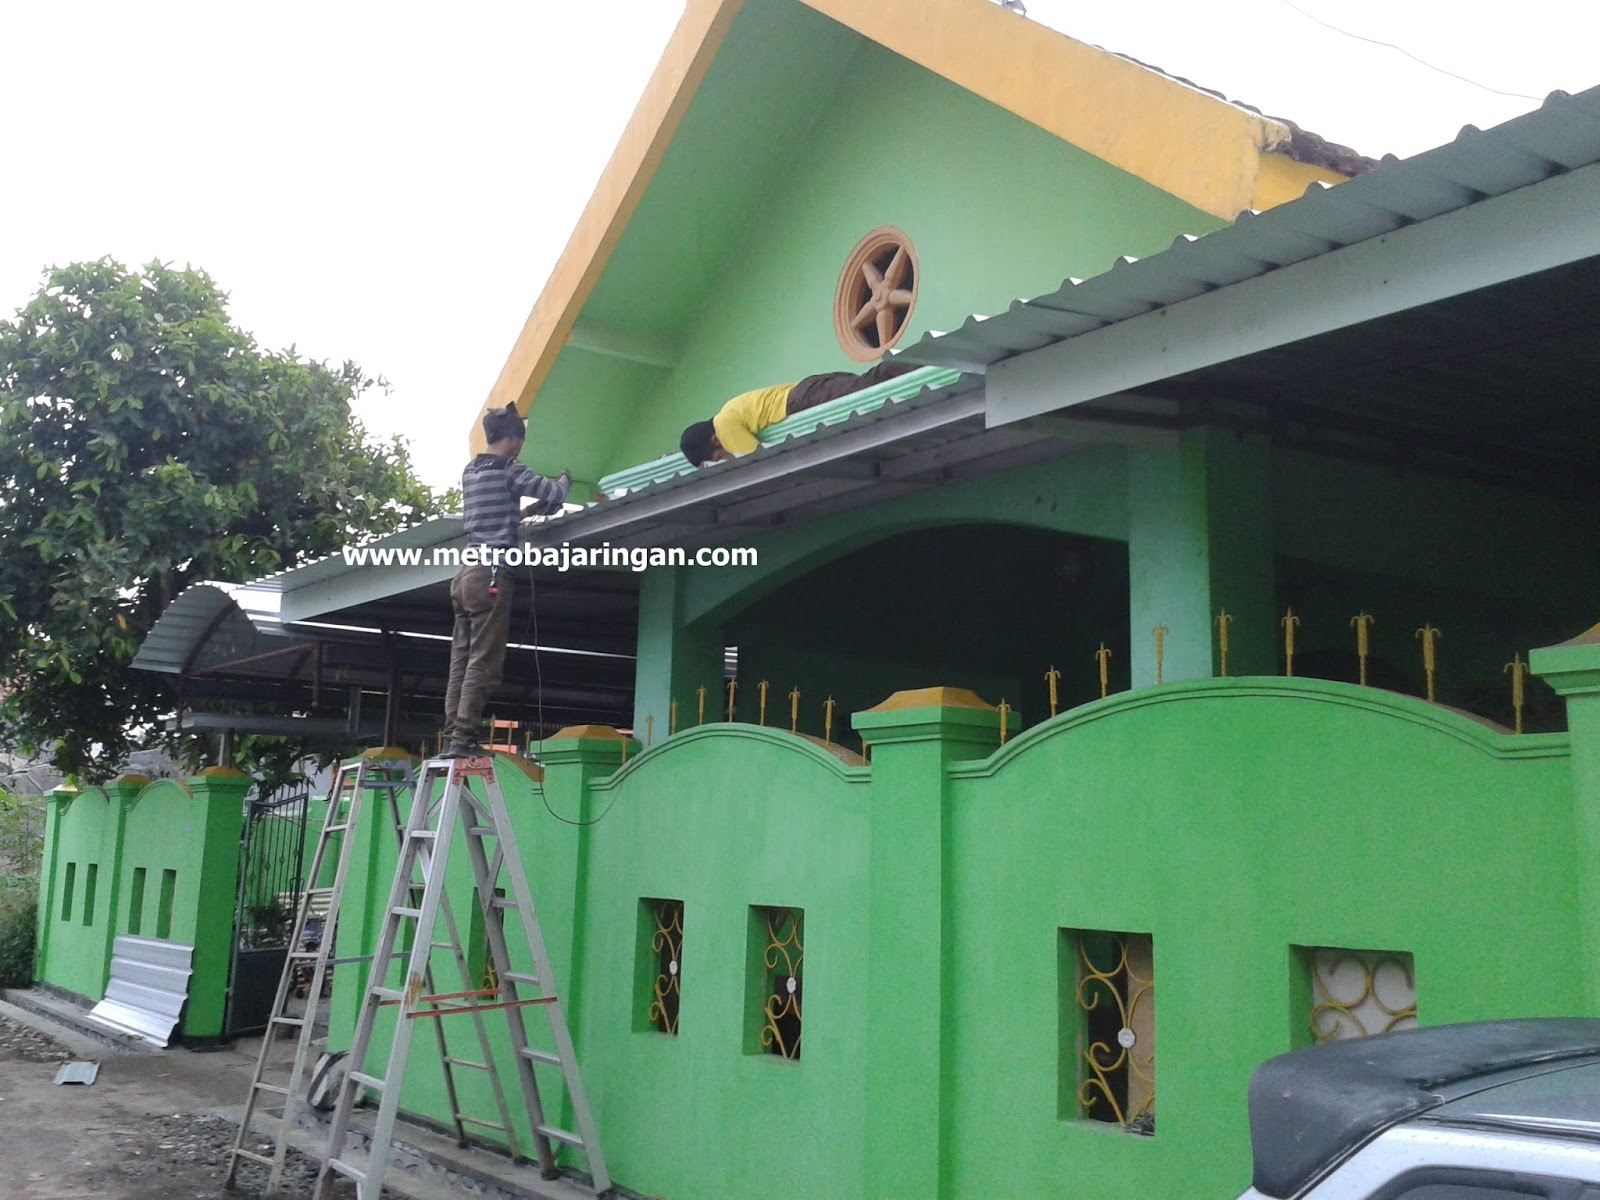 Renovasi Atap Baja Ringan Rumah Tipe 36 Gambar Model Asbes | Interior